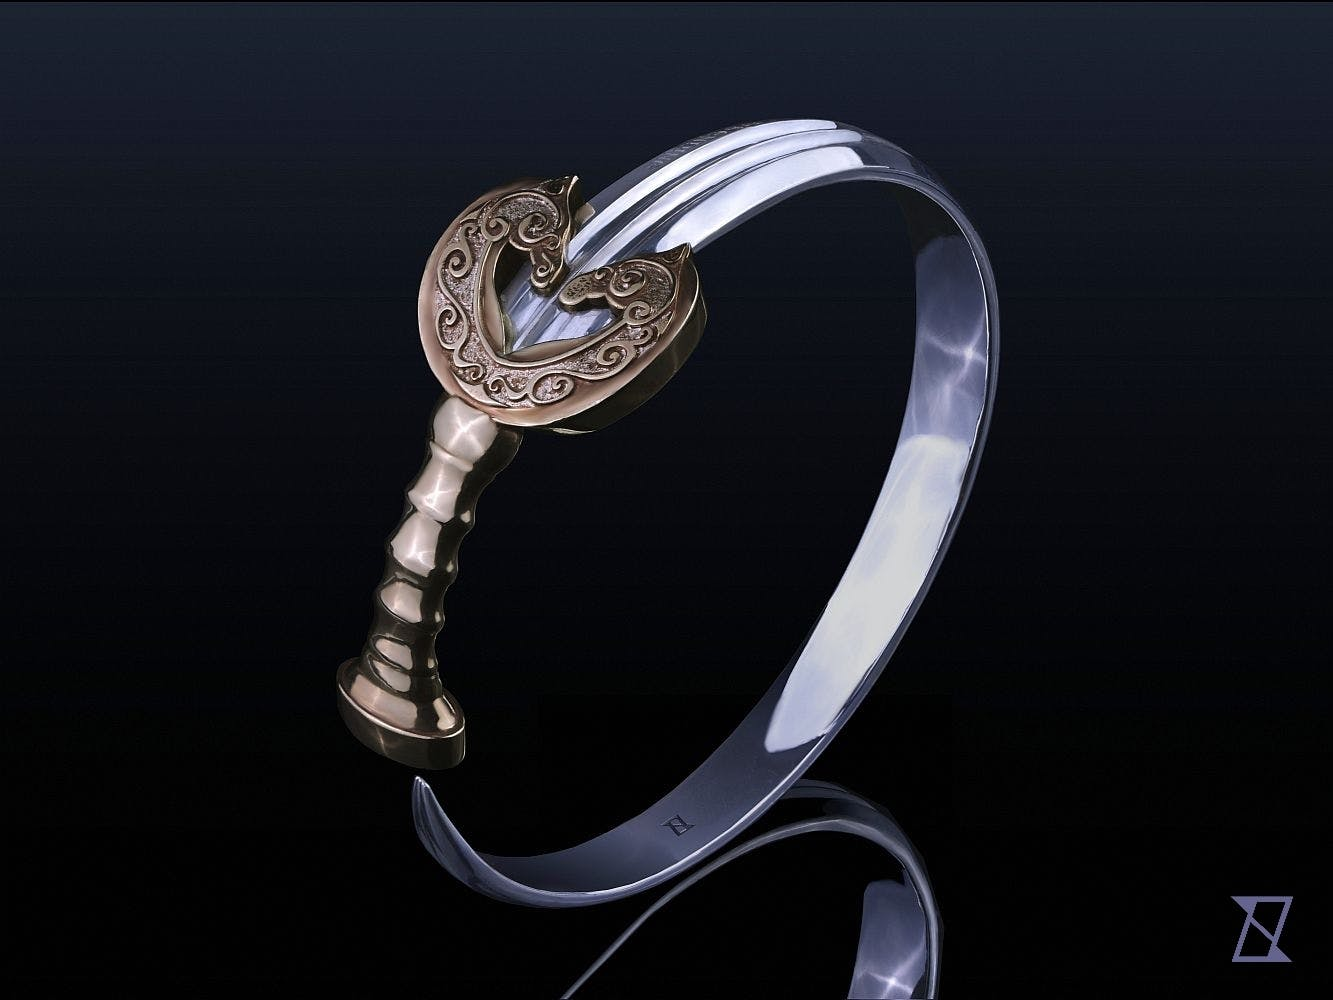 Bransoleta w kształcie zwiniętego miecza.